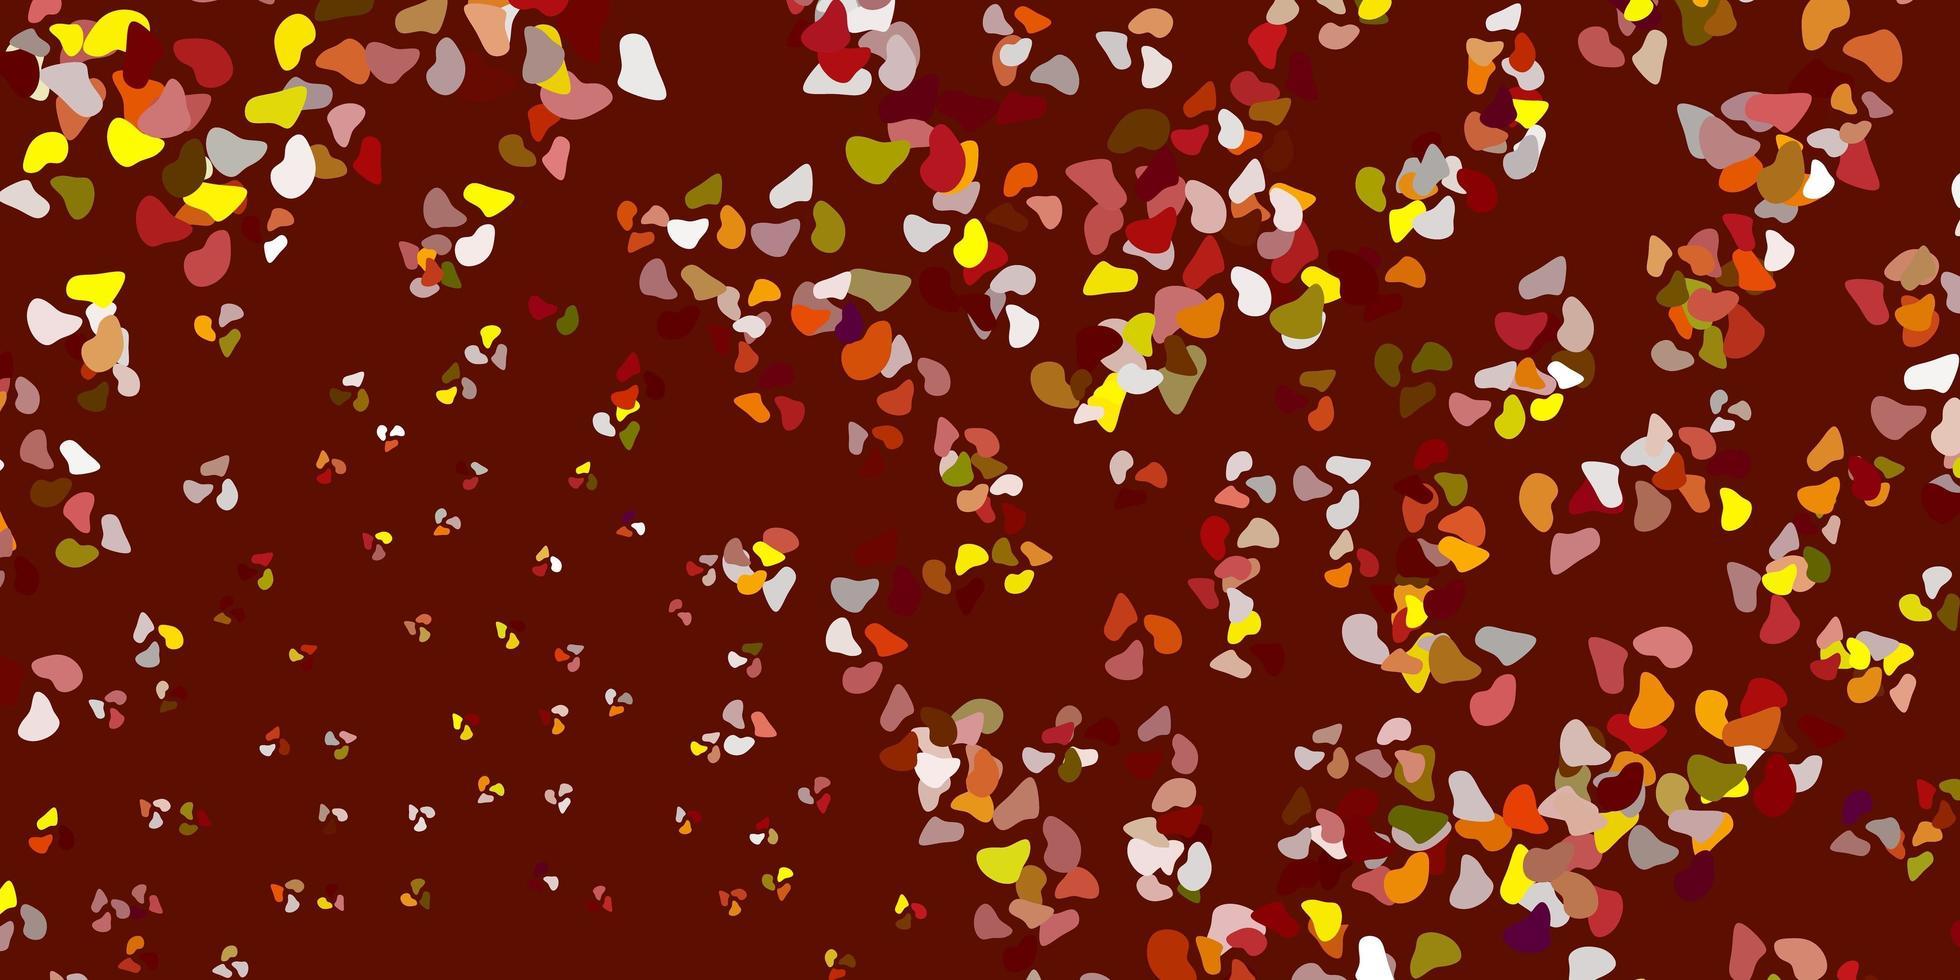 patrón rojo, amarillo con formas abstractas. vector